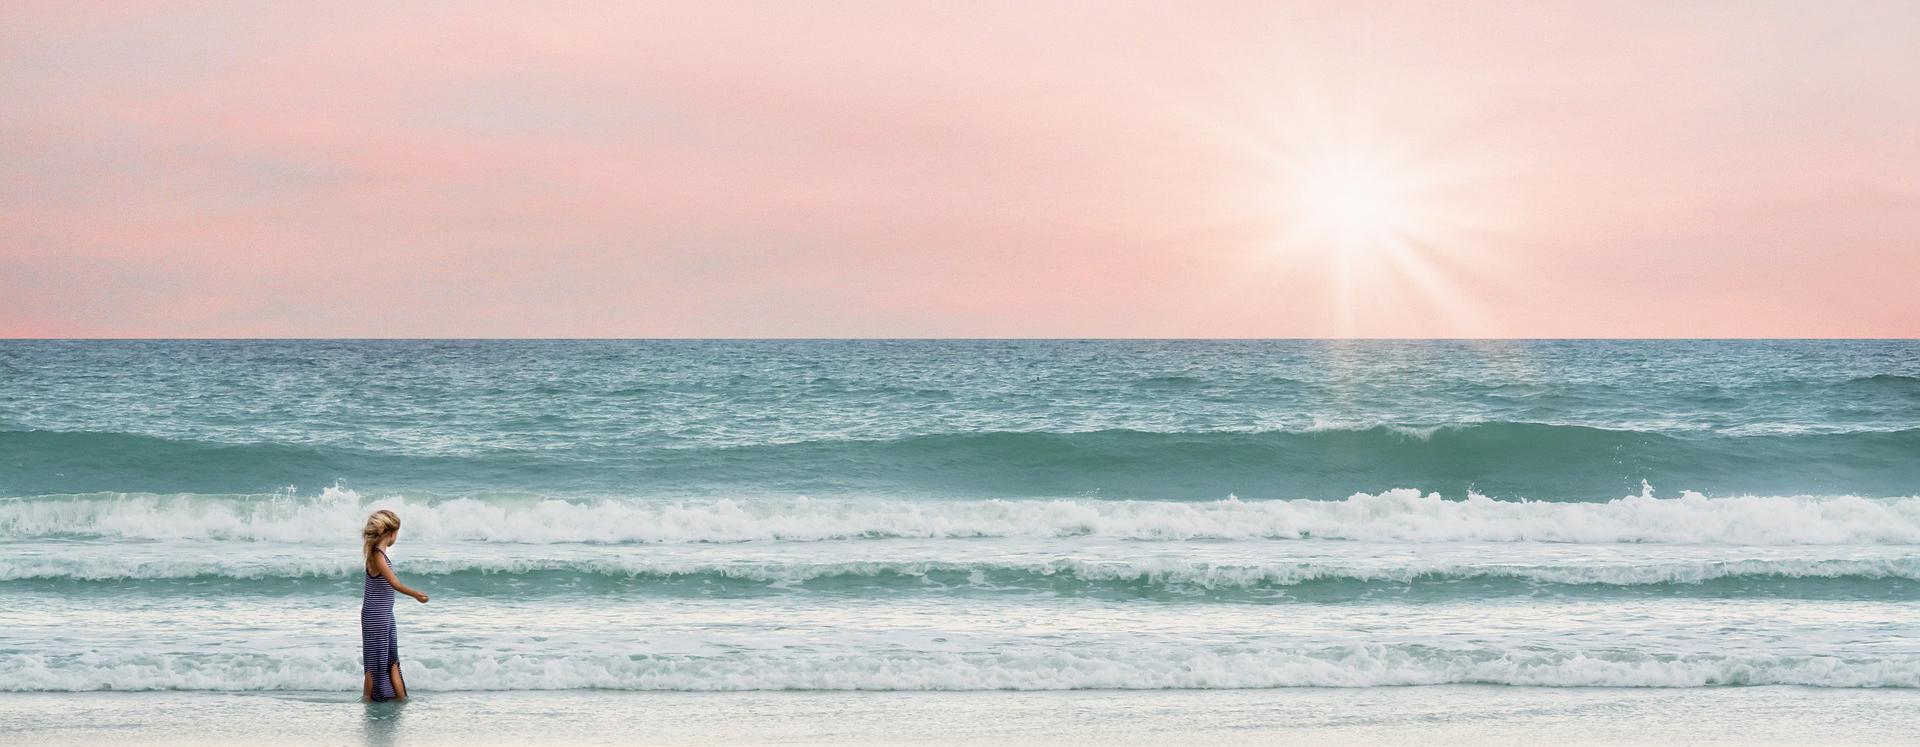 beautiful pink beach